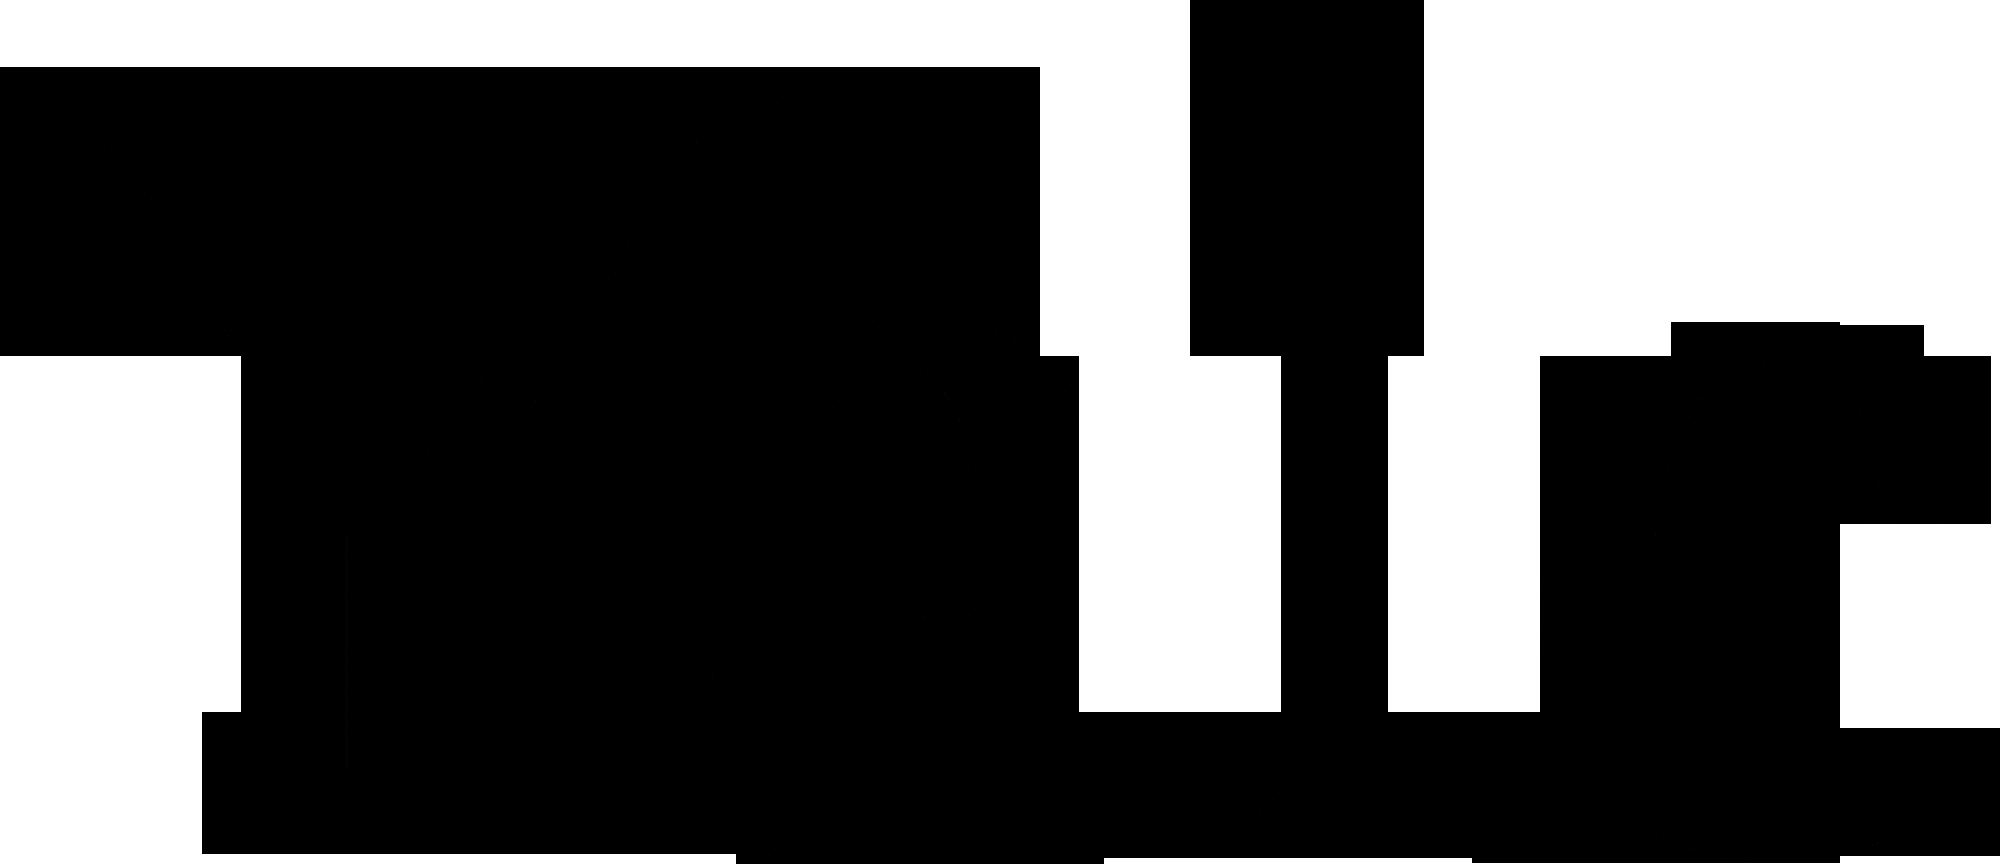 Yale_University_logo_BW.png